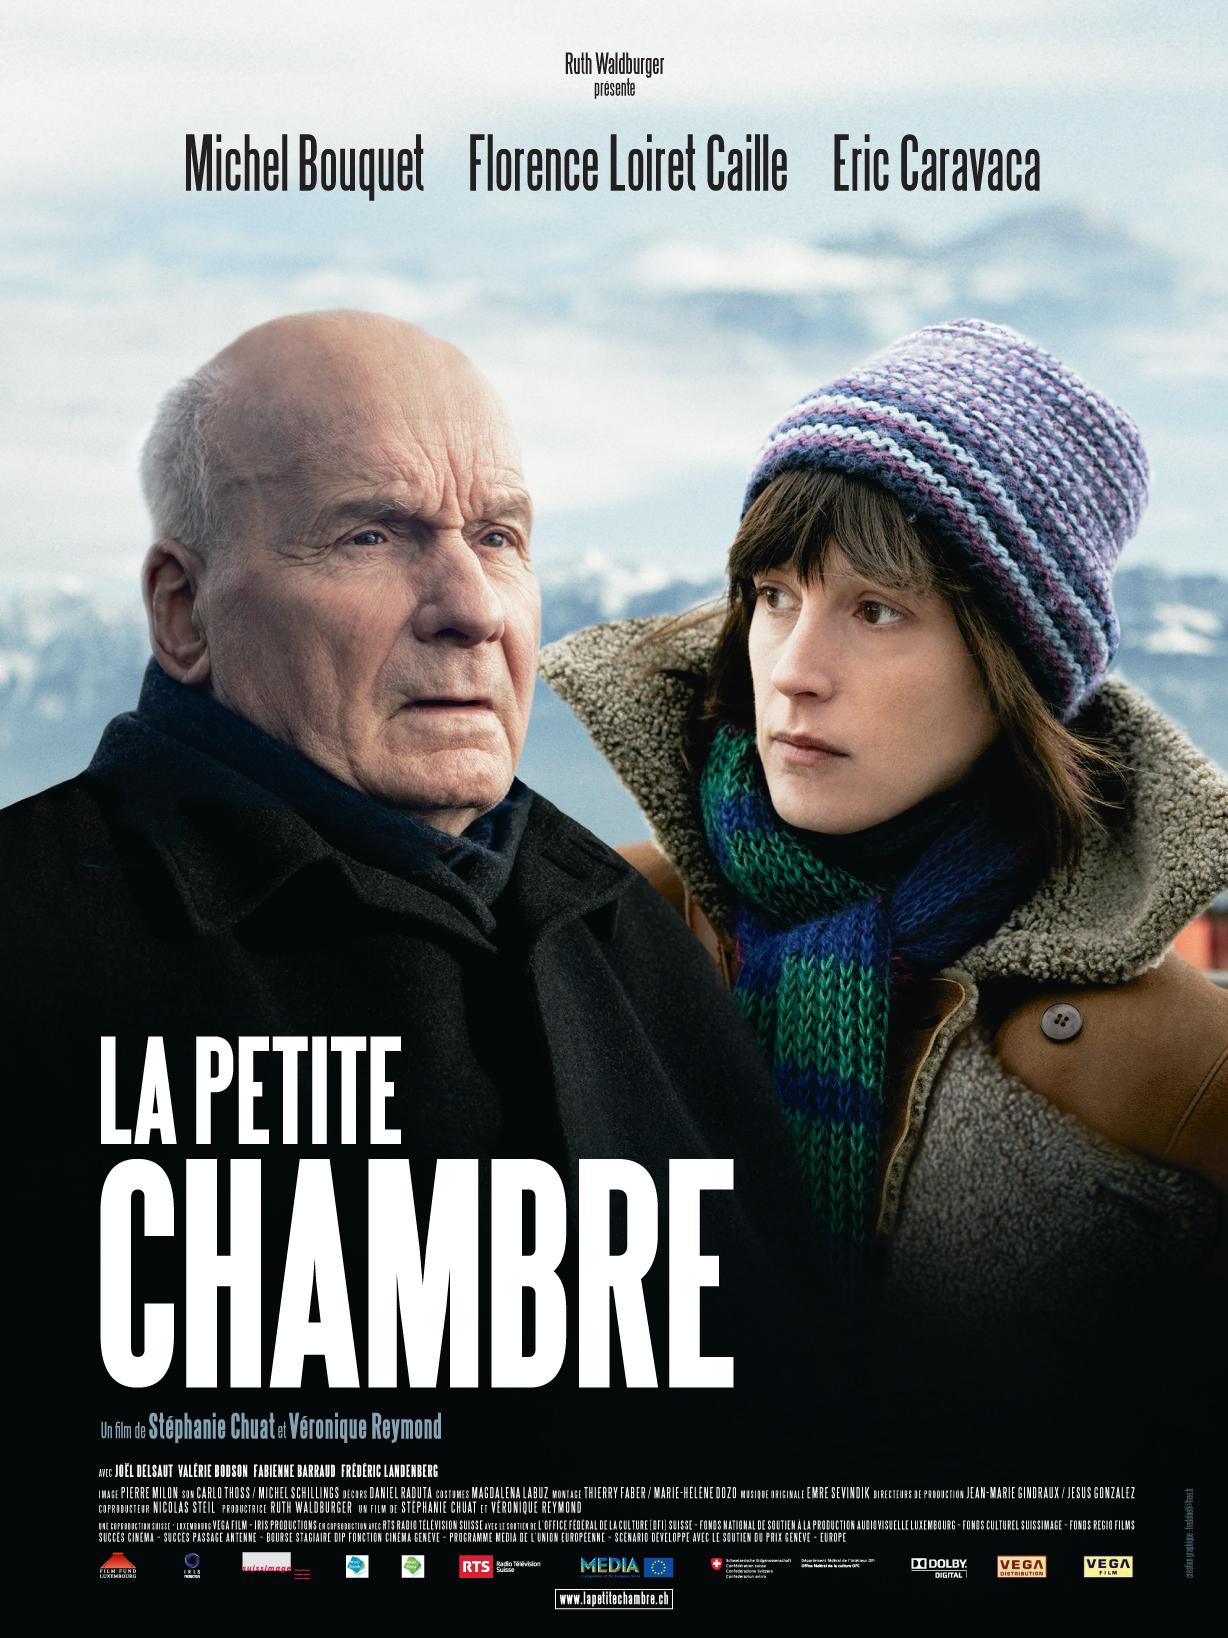 La petite chambre avec Michel Bouquet et Florence Loiret Caille